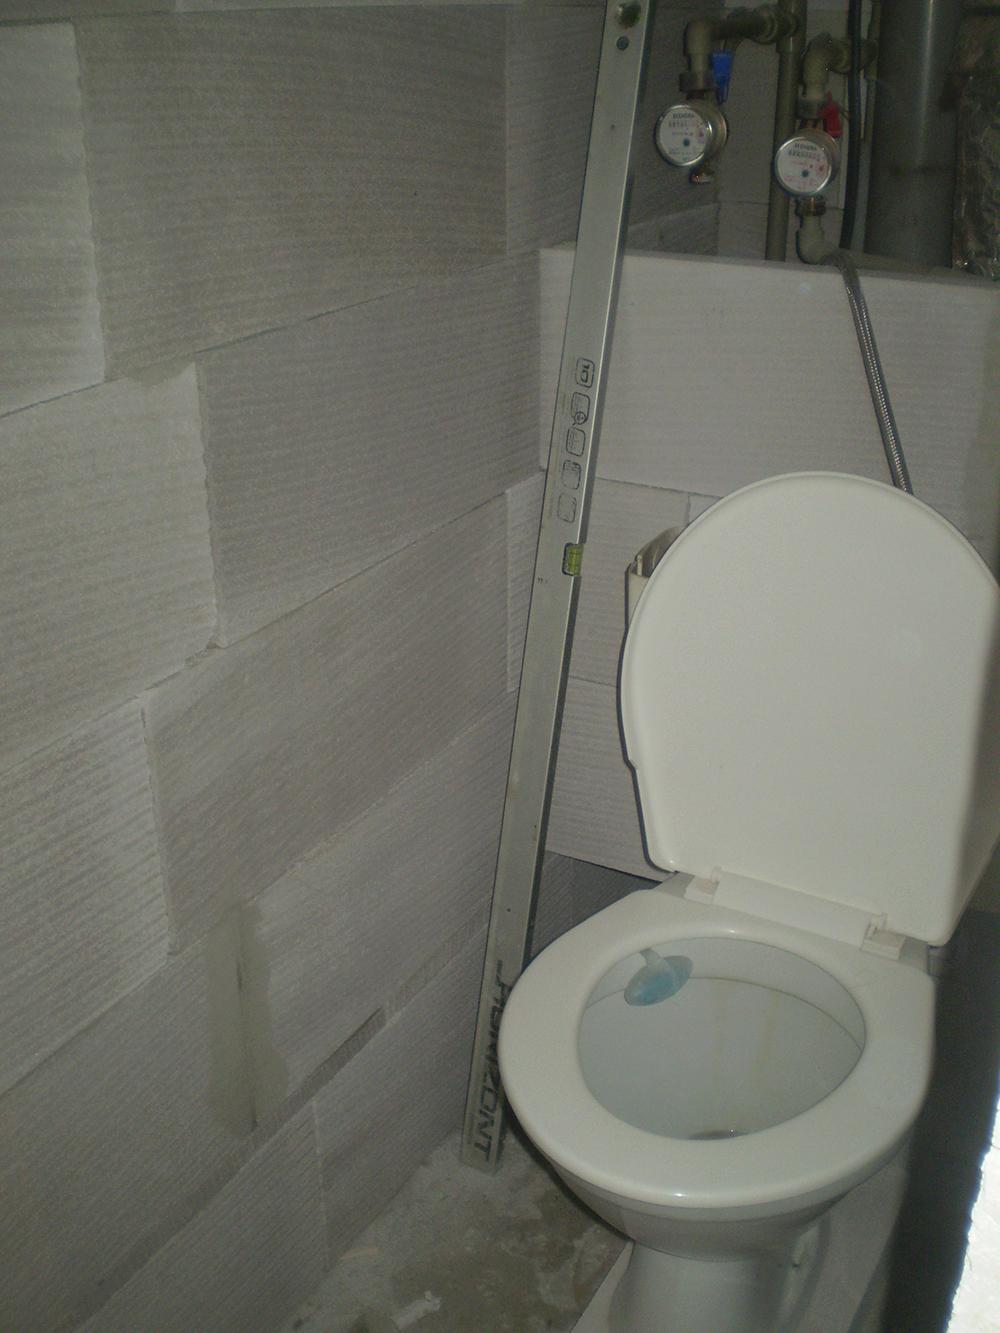 FATO Hlaváč - montáže van, sprchových koutů, WC